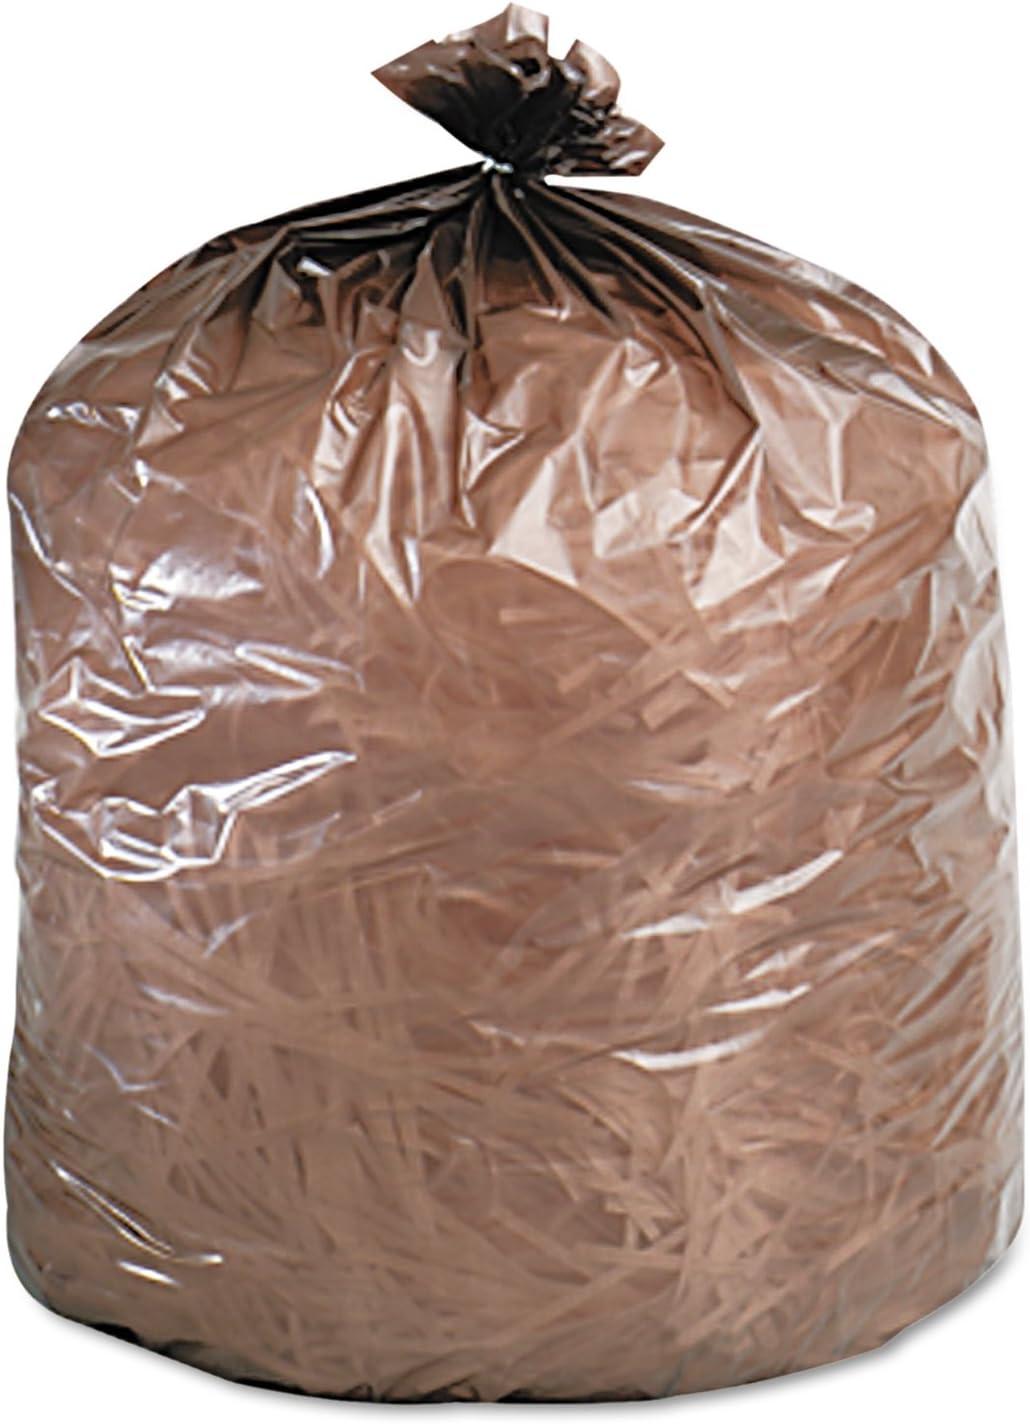 Biodegradable Trash Bags,39 Gal,1.10 ml,33